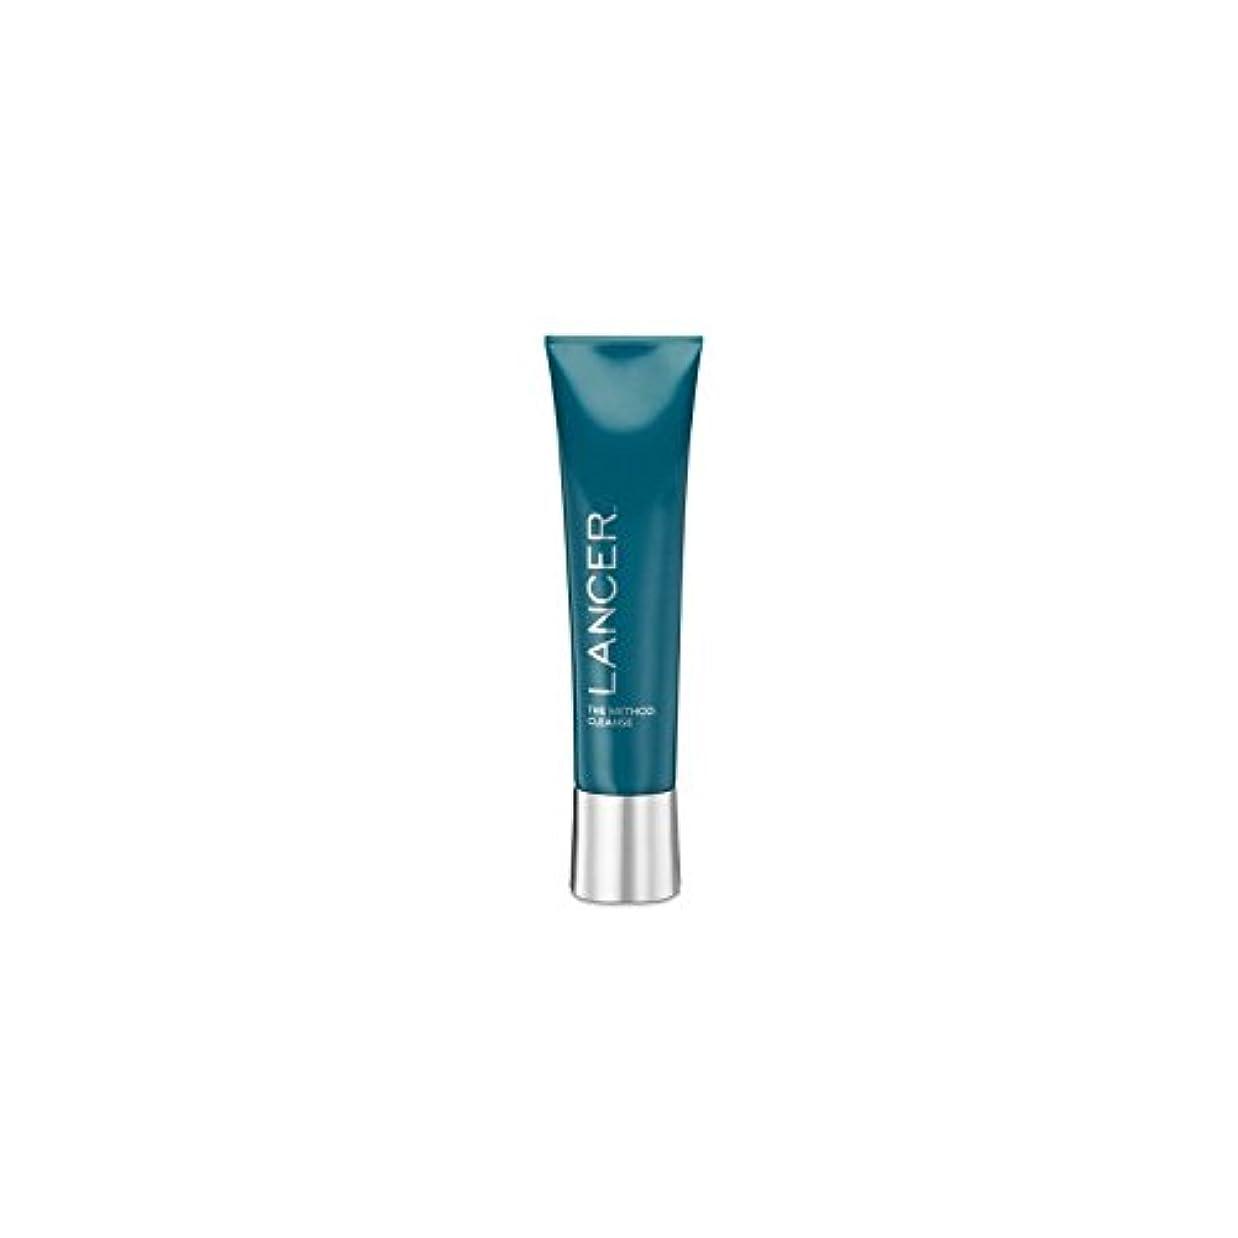 レベル気まぐれな事前クレンザー(120ミリリットル):ランサーは、メソッドをスキンケア x4 - Lancer Skincare The Method: Cleanser (120ml) (Pack of 4) [並行輸入品]